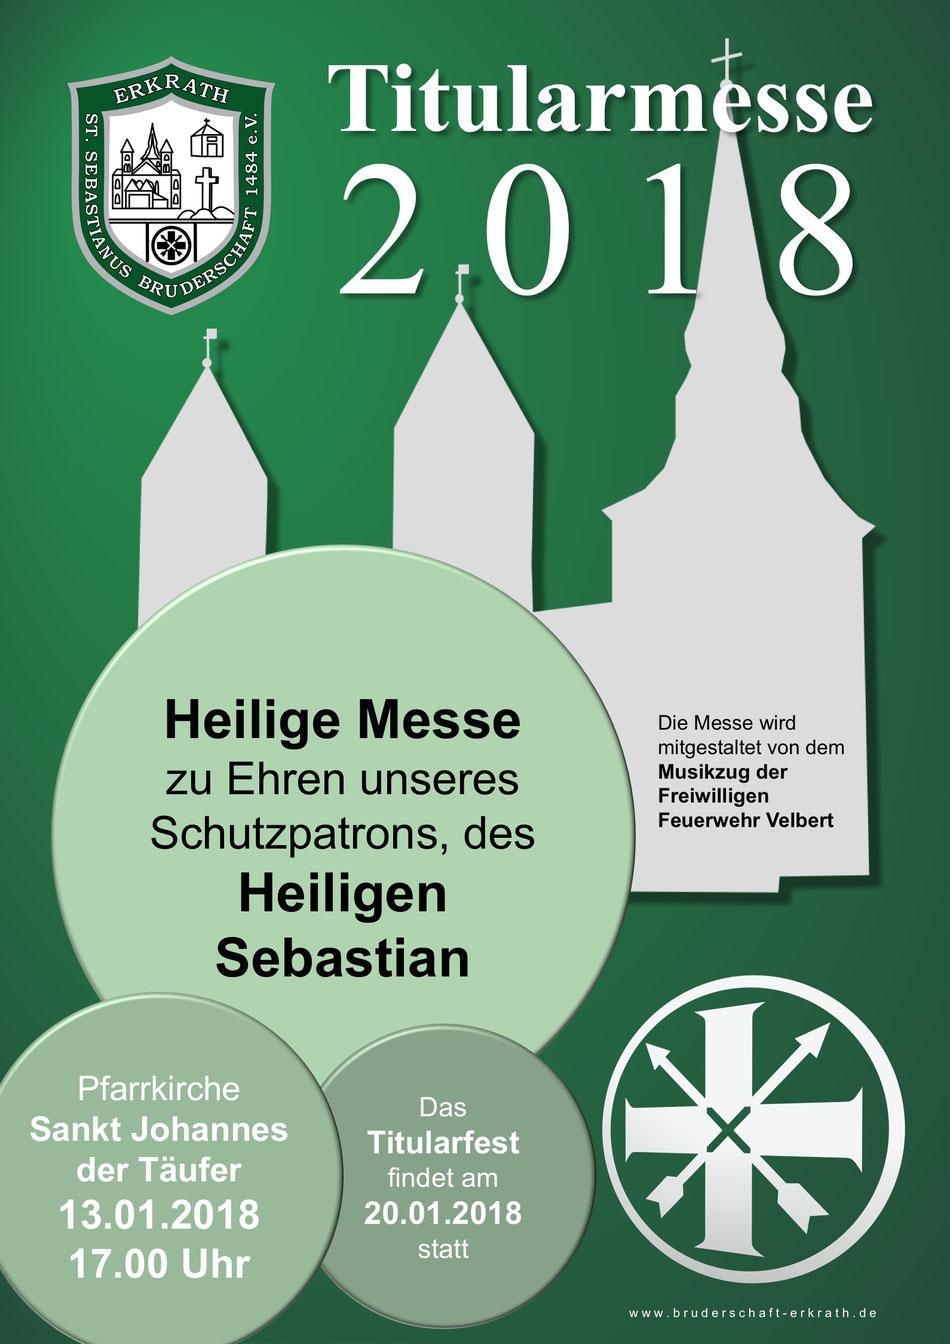 Titularmesse 2018, 13.01.2018, 17.00 Uhr, Pfarrkirche Sankt Johannes der Täufer.